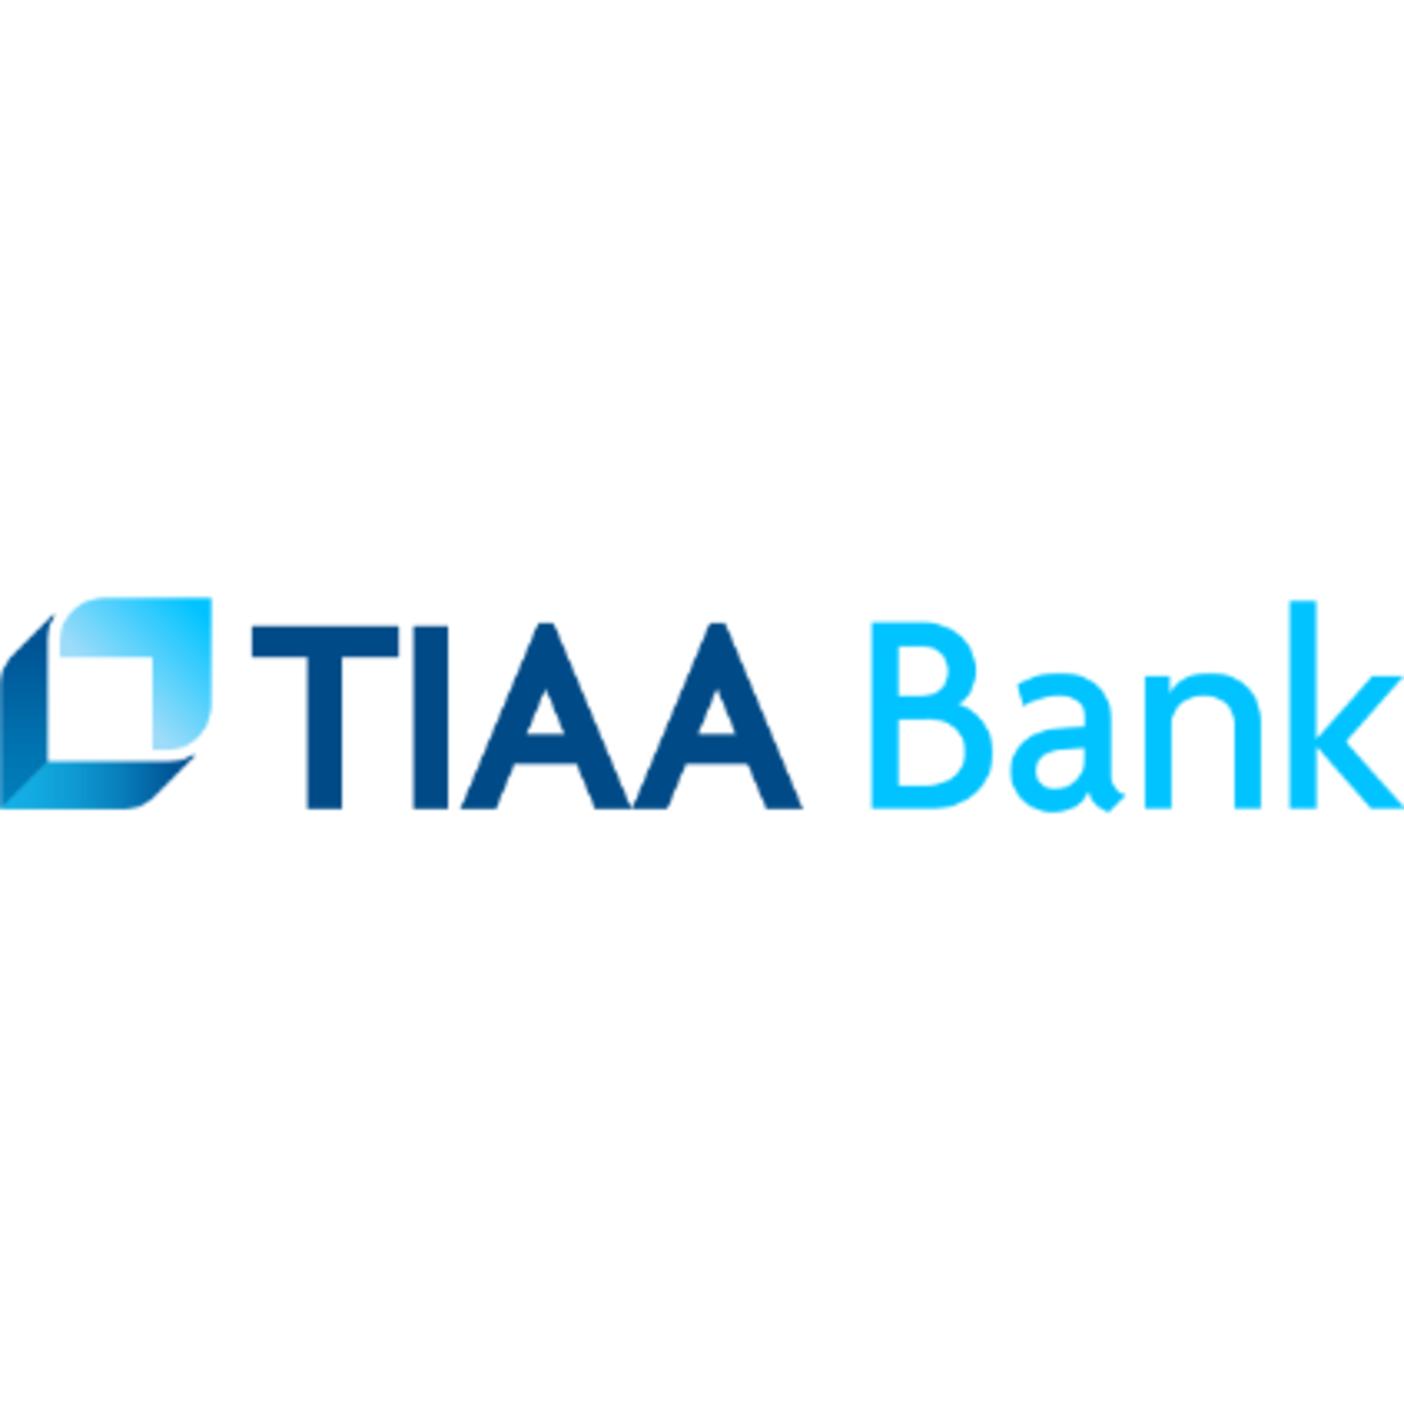 Jeffrey T. Smith | TIAA Bank image 1